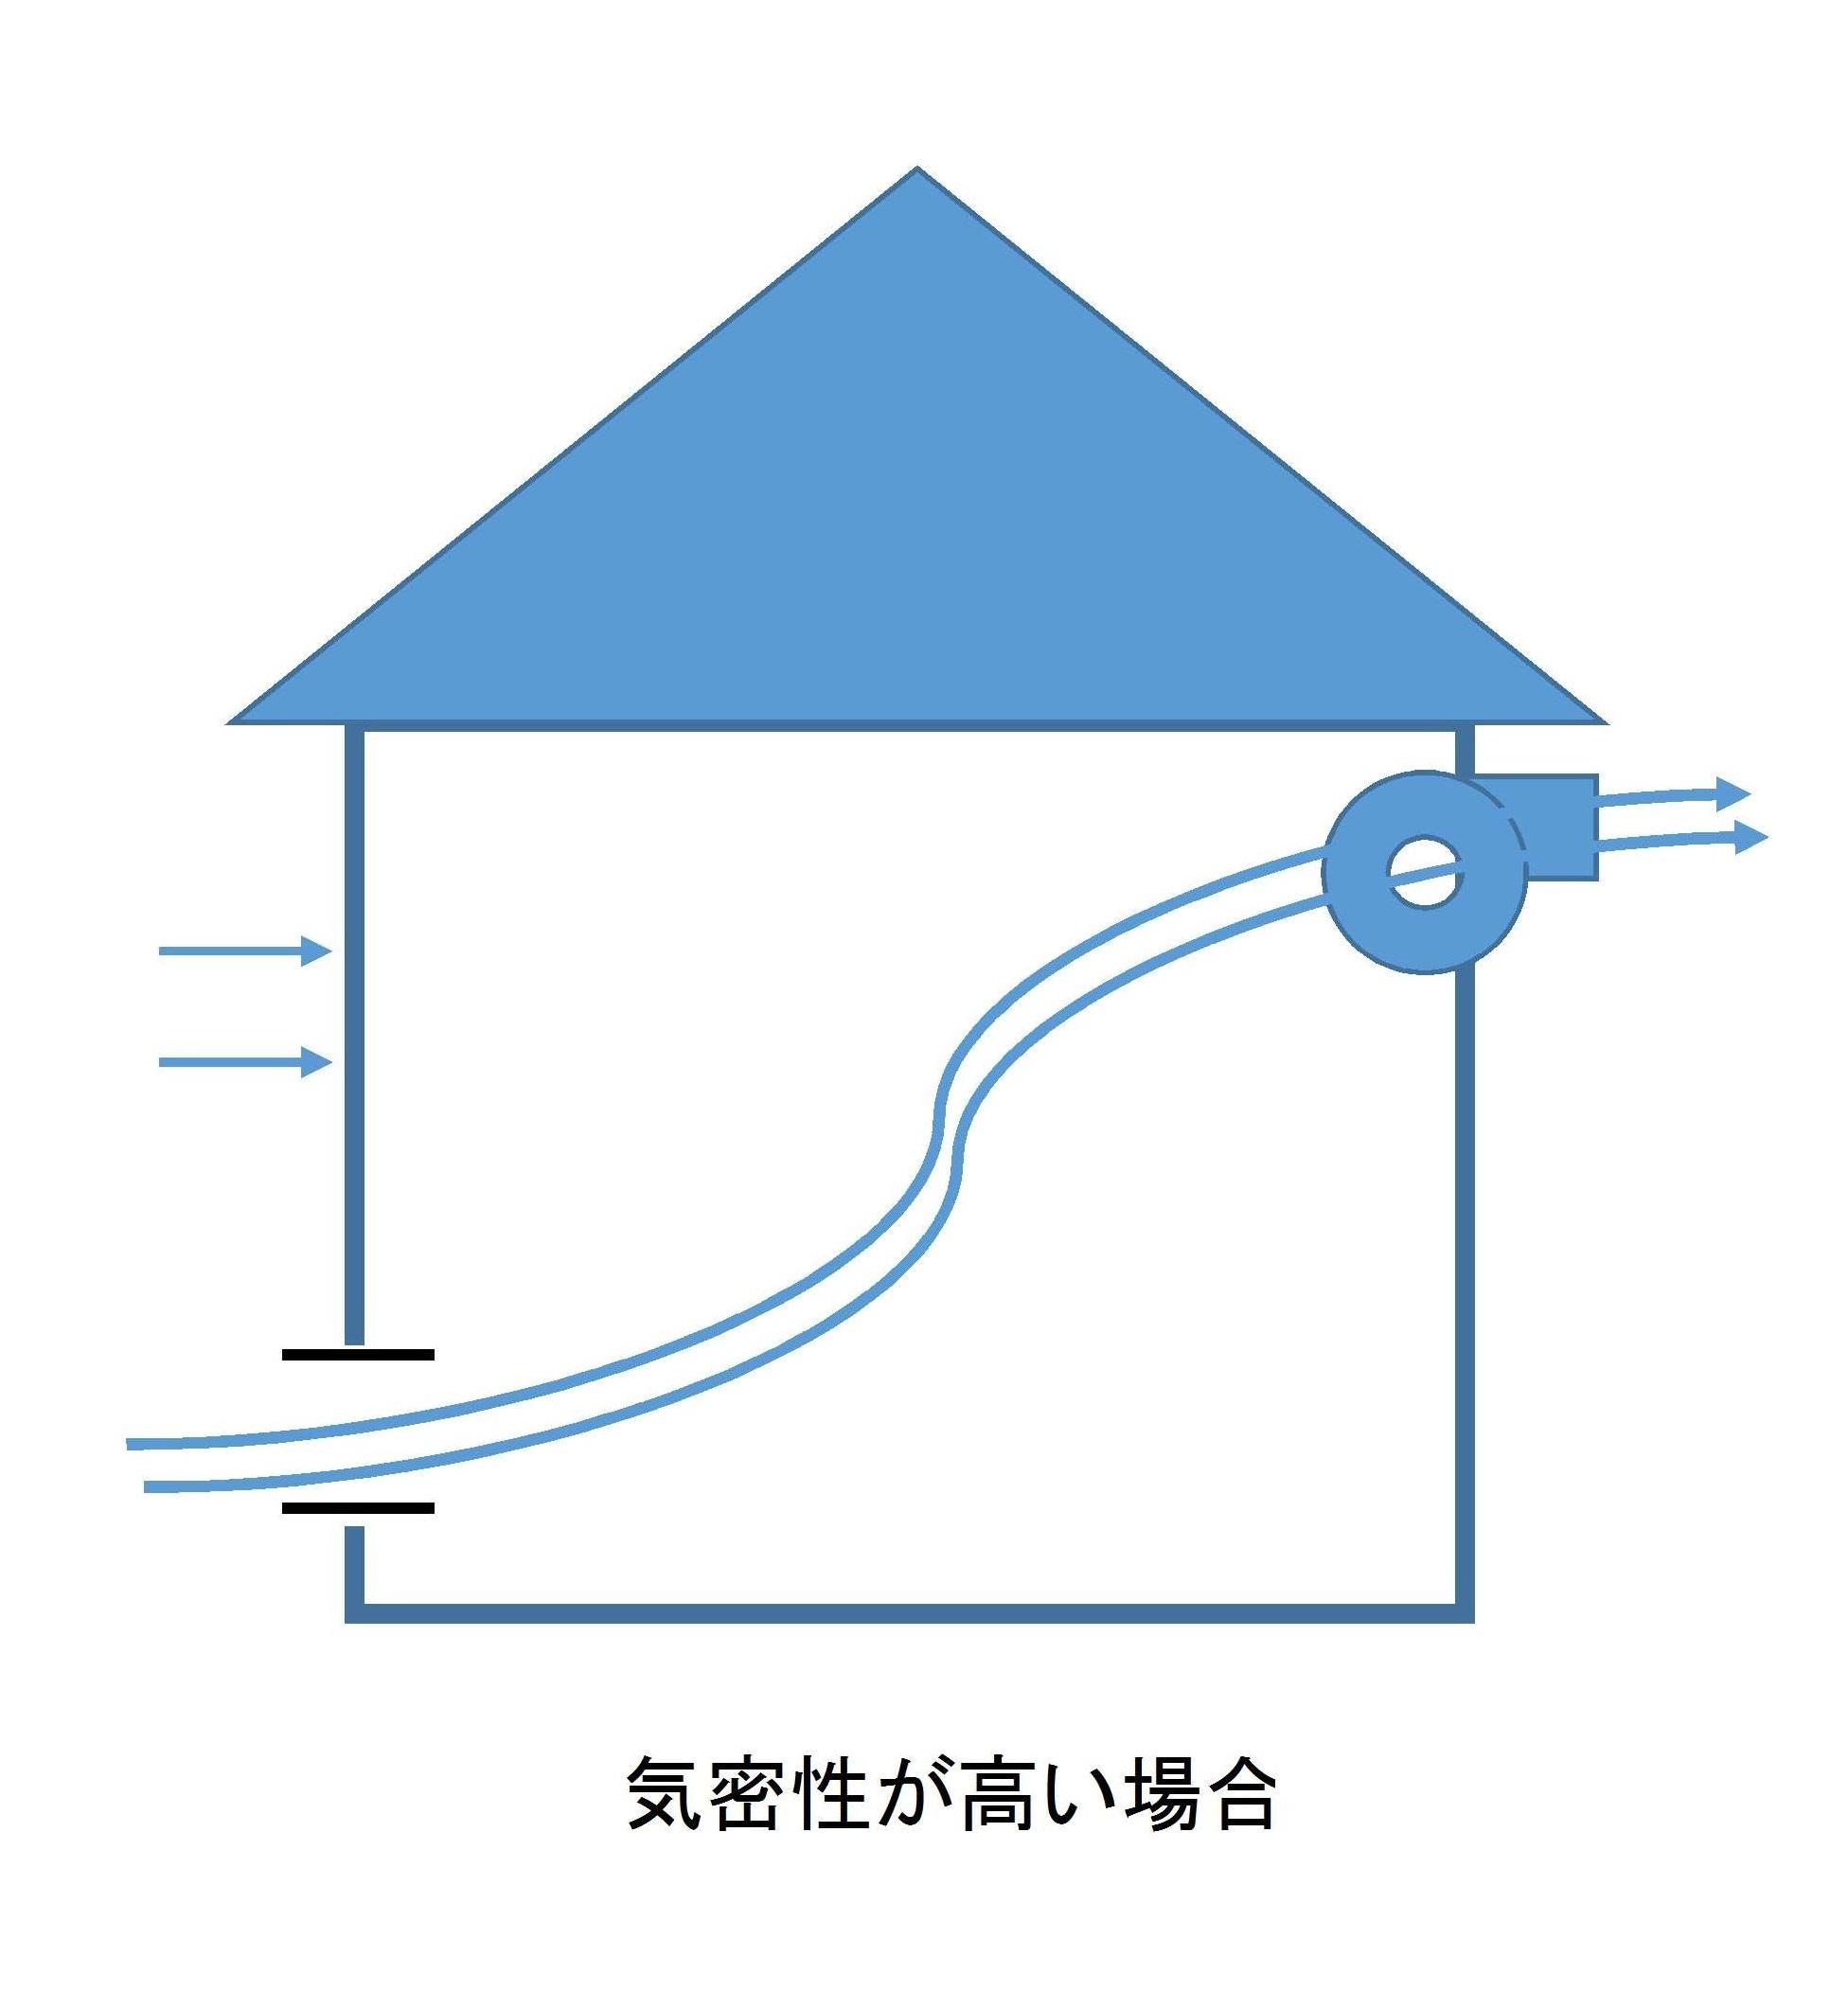 すきまの無い家・気密住宅の話 その12_c0153412_163519100.jpg